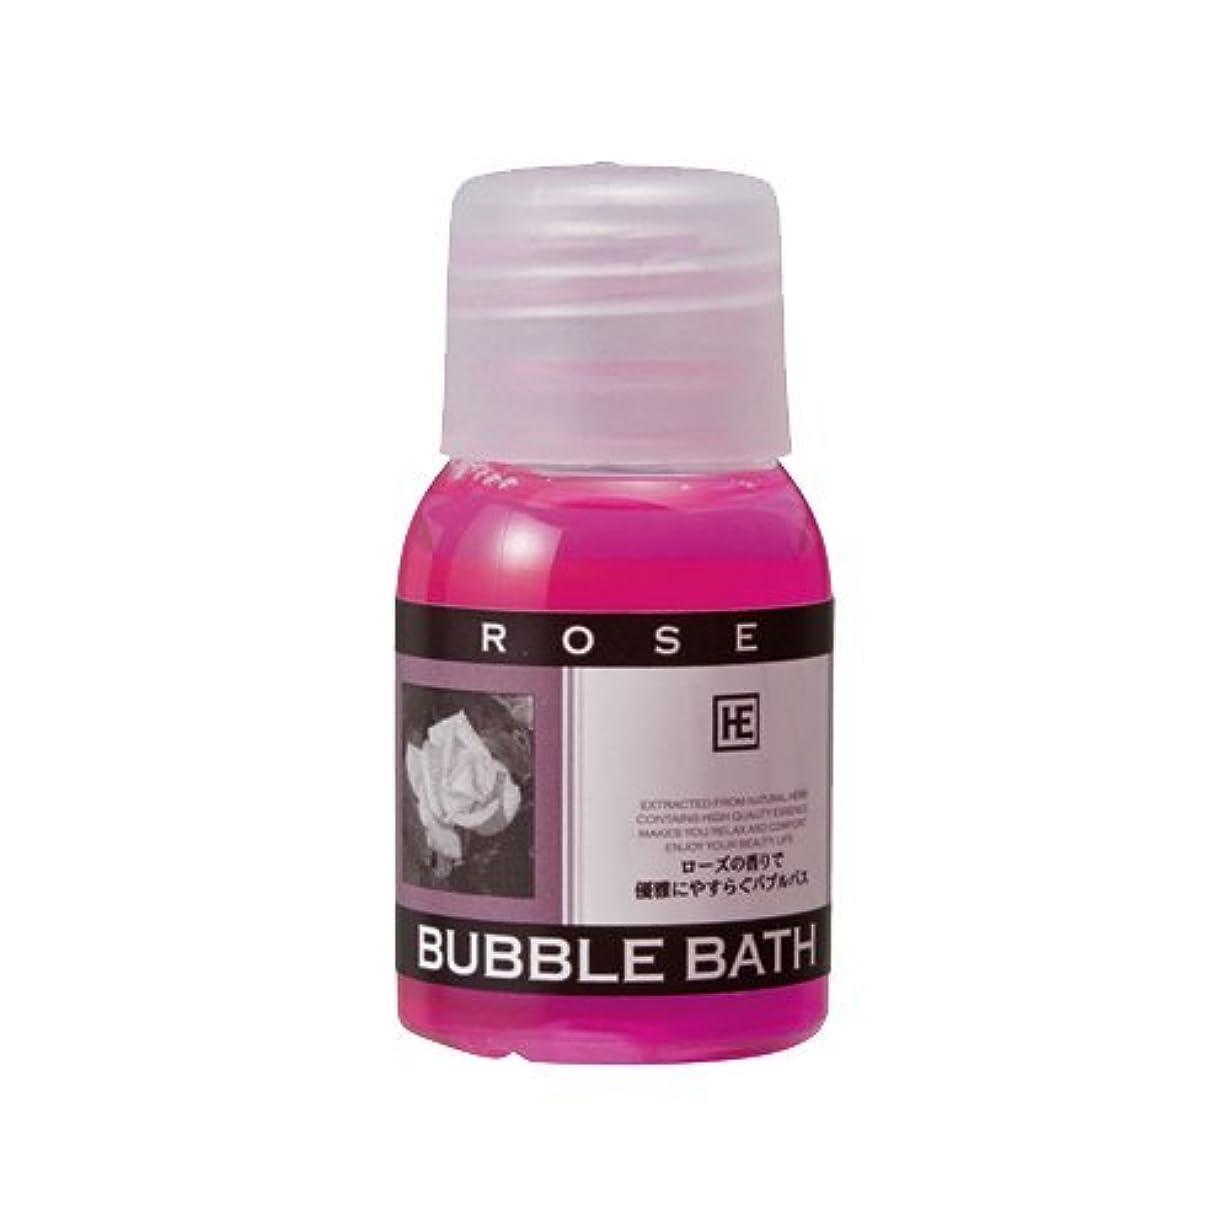 操作岸意気消沈したハーバルエクストラ バブルバス ミニボトル ローズの香り × 50個セット - ホテルアメニティ 業務用 発泡入浴剤 (BUBBLE BATH)